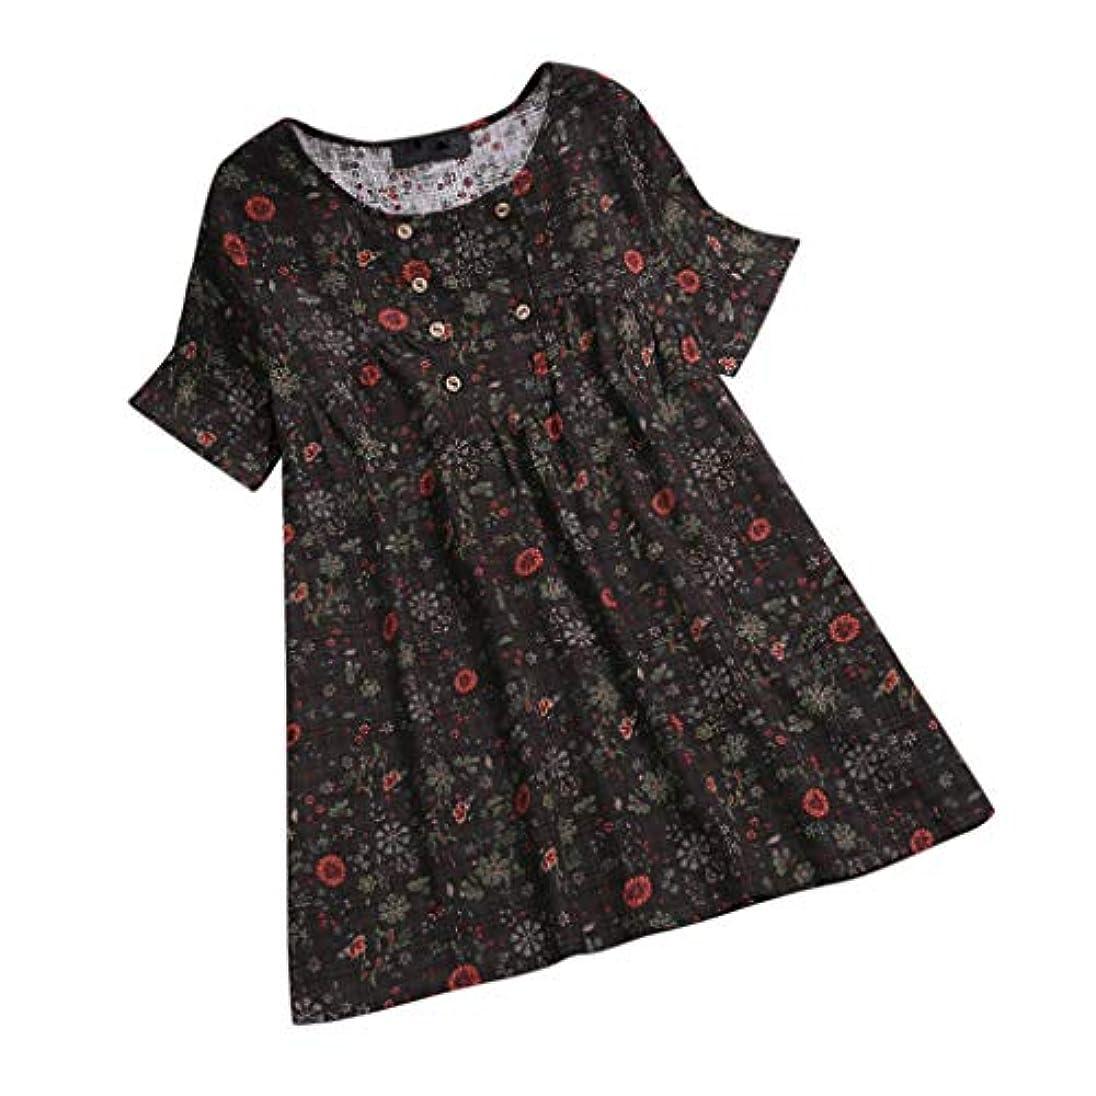 誘発する十分ではないクアッガレディース tシャツ プラスサイズ 半袖 丸首 花柄 ボタン ビンテージ チュニック トップス 短いドレス ブラウス 人気 夏服 快適な 軽い 柔らかい かっこいい ワイシャツ カジュアル シンプル オシャレ 春夏秋 対応